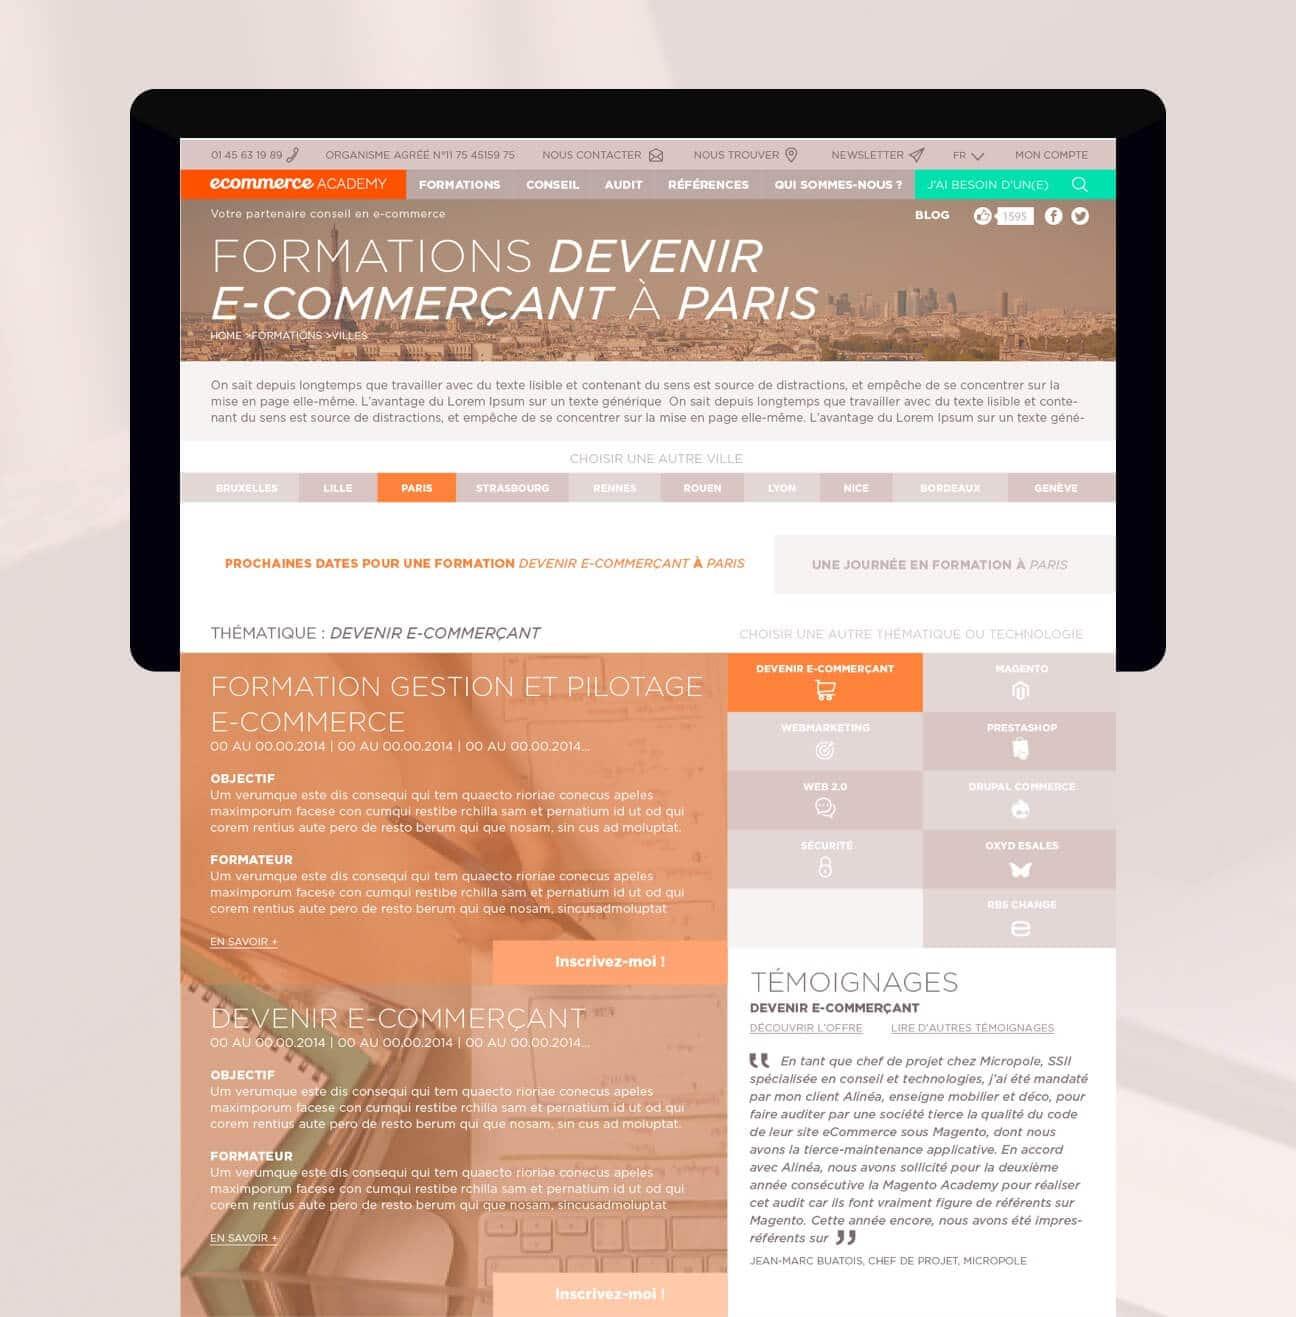 Identité visuelle et webdesign : formations Paris